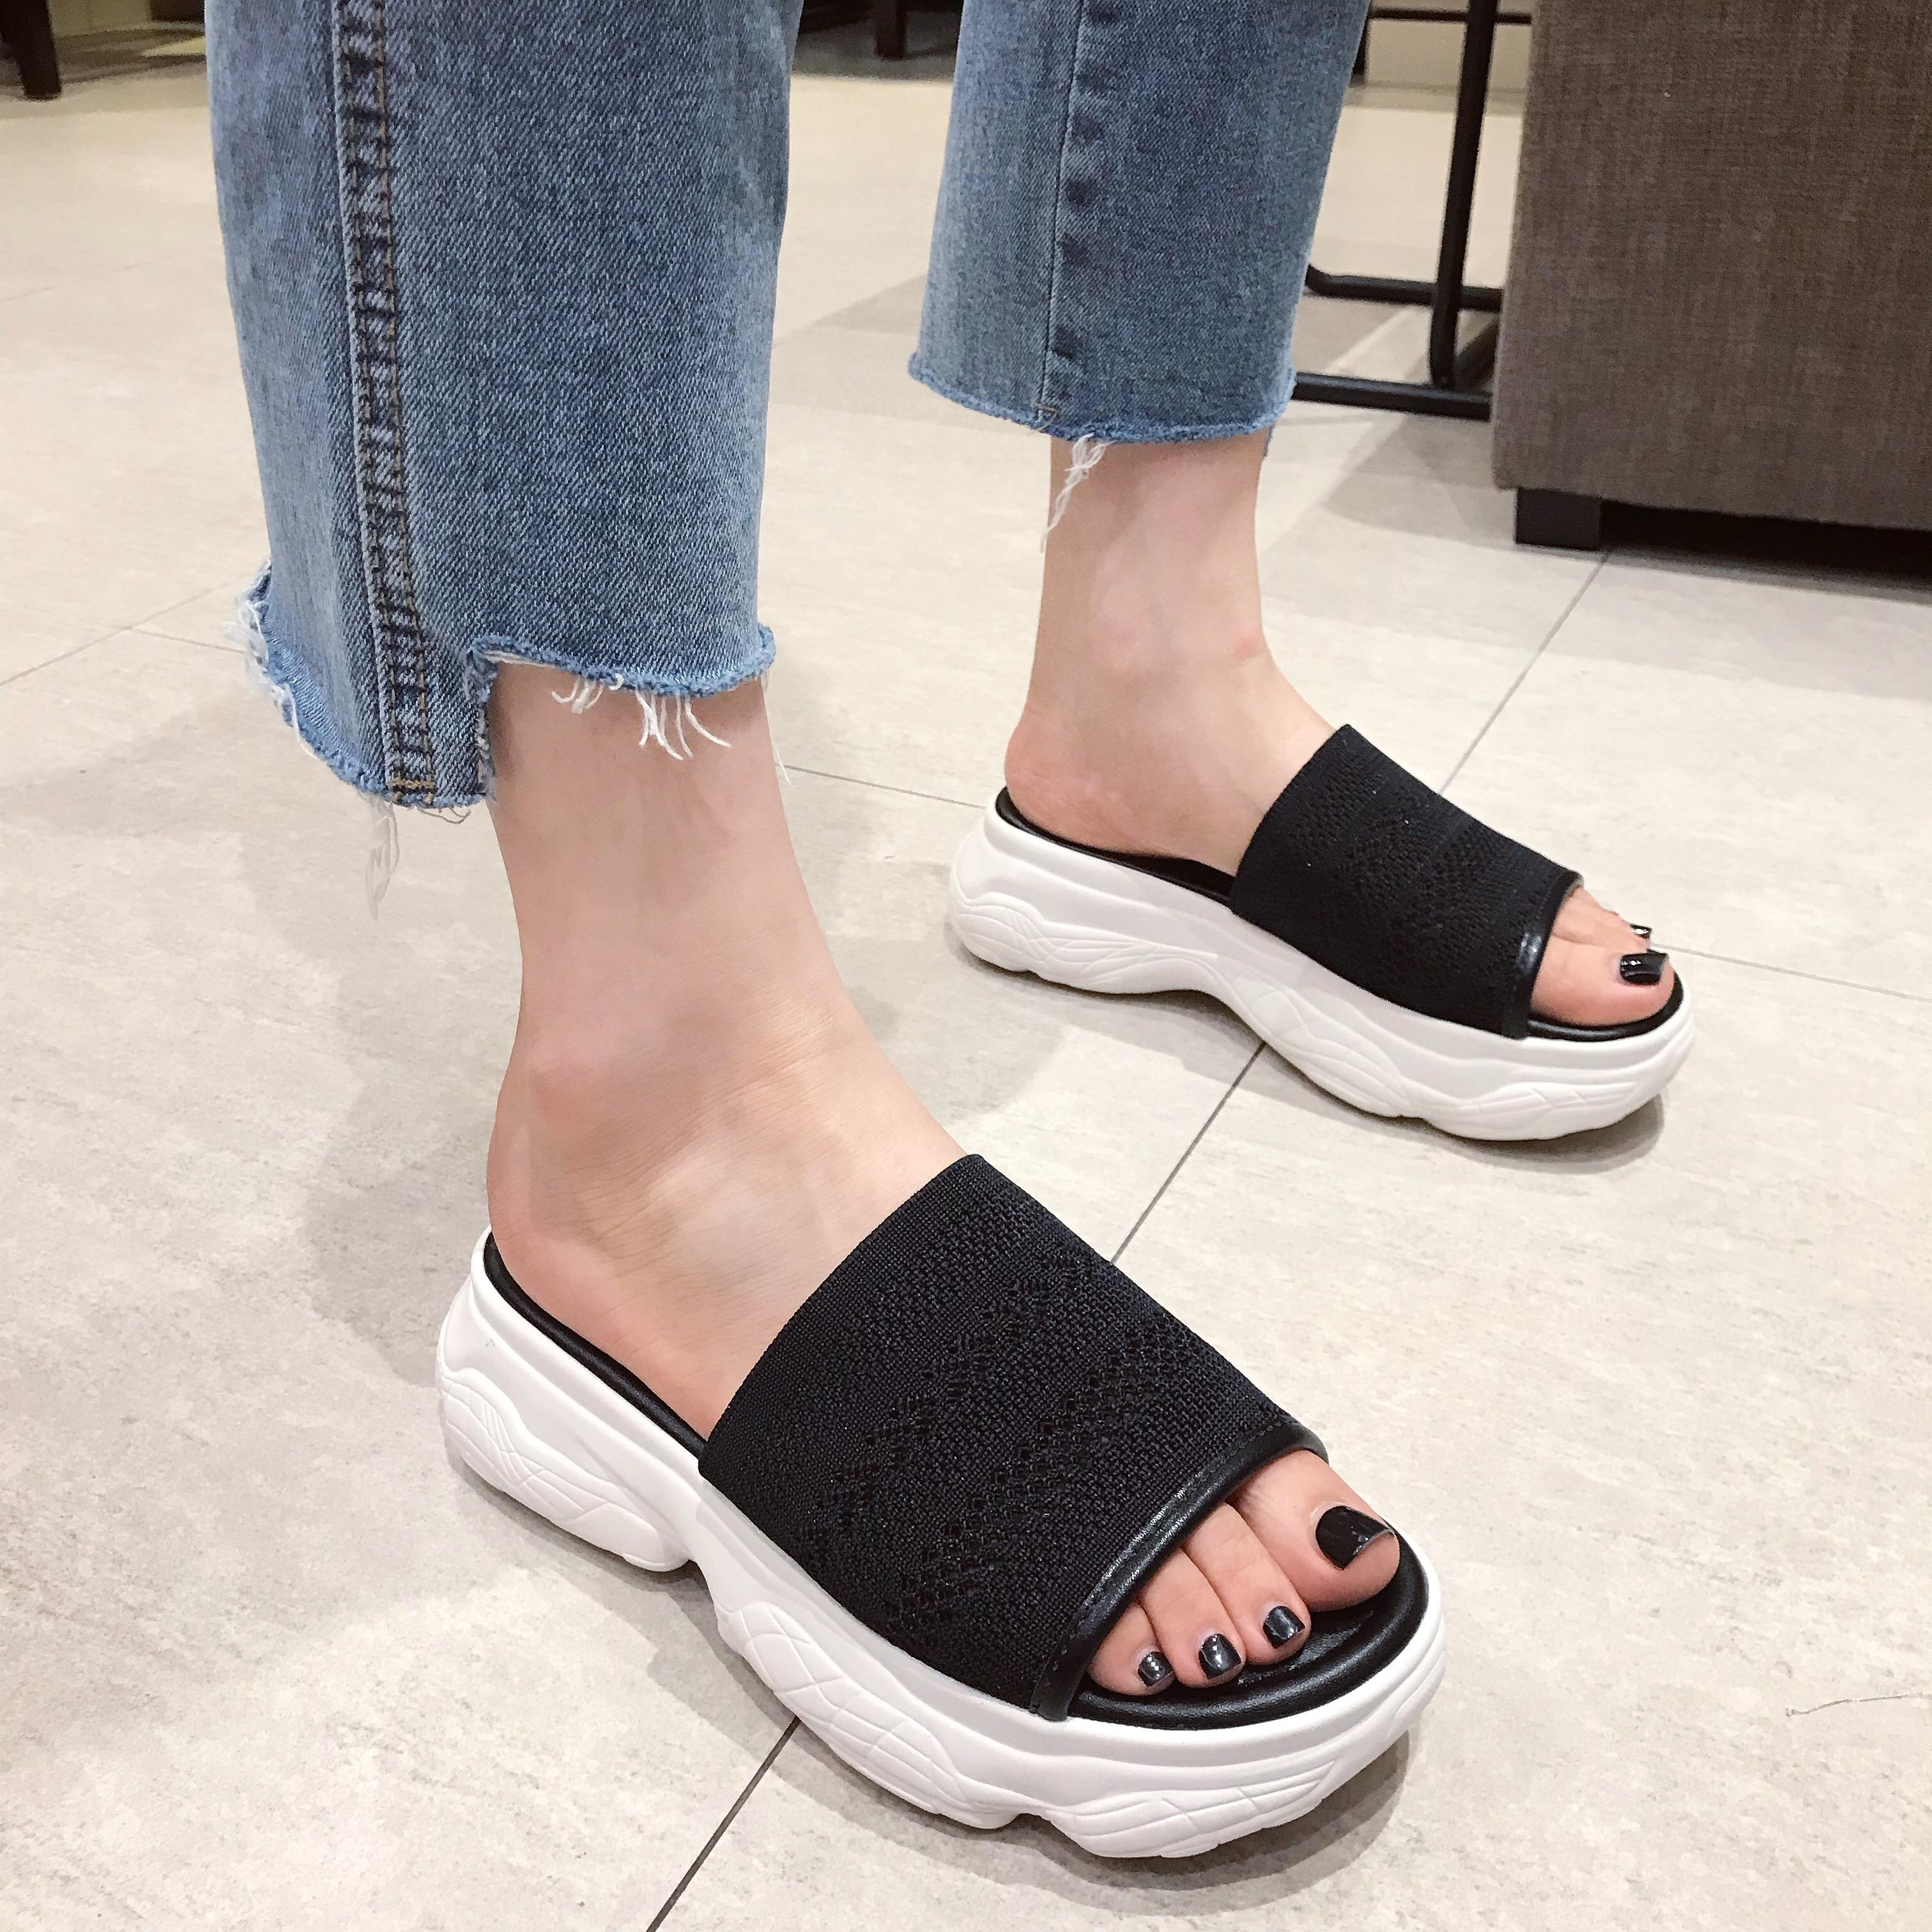 【单品】女鞋福利沟通好再拍低帮鞋子女精品定制款